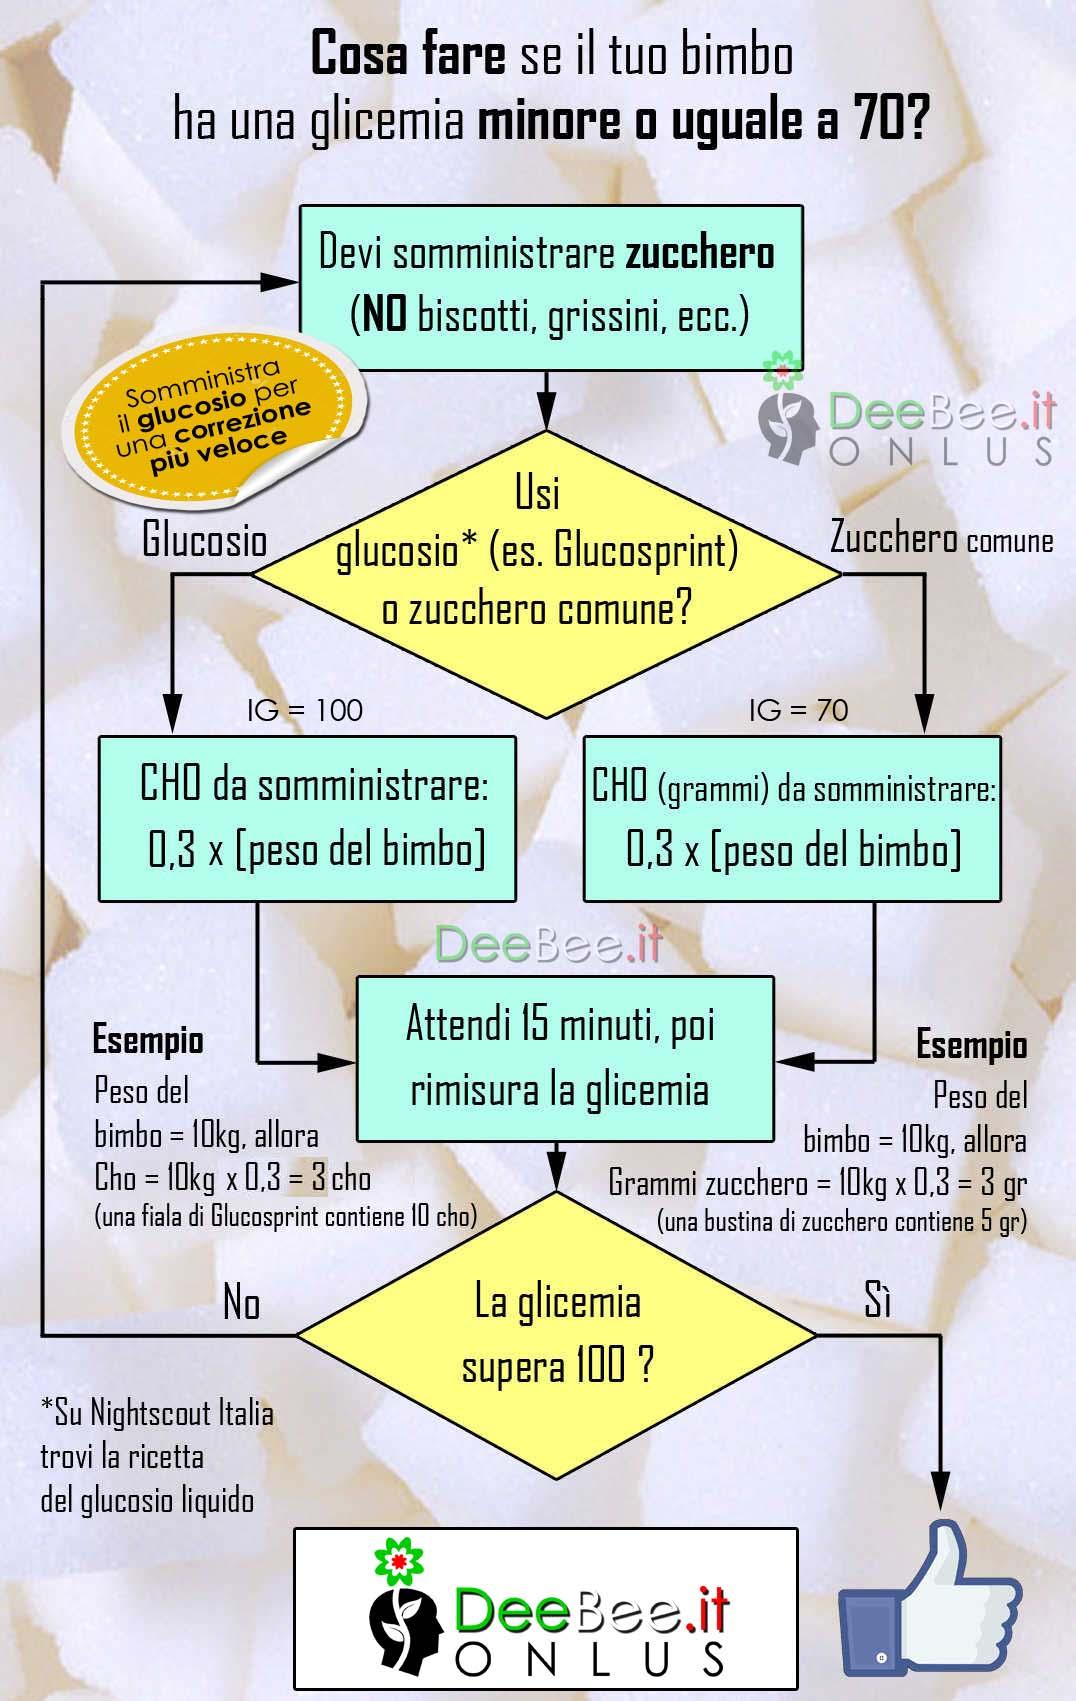 correzione glicemia bimbo DeeBee2